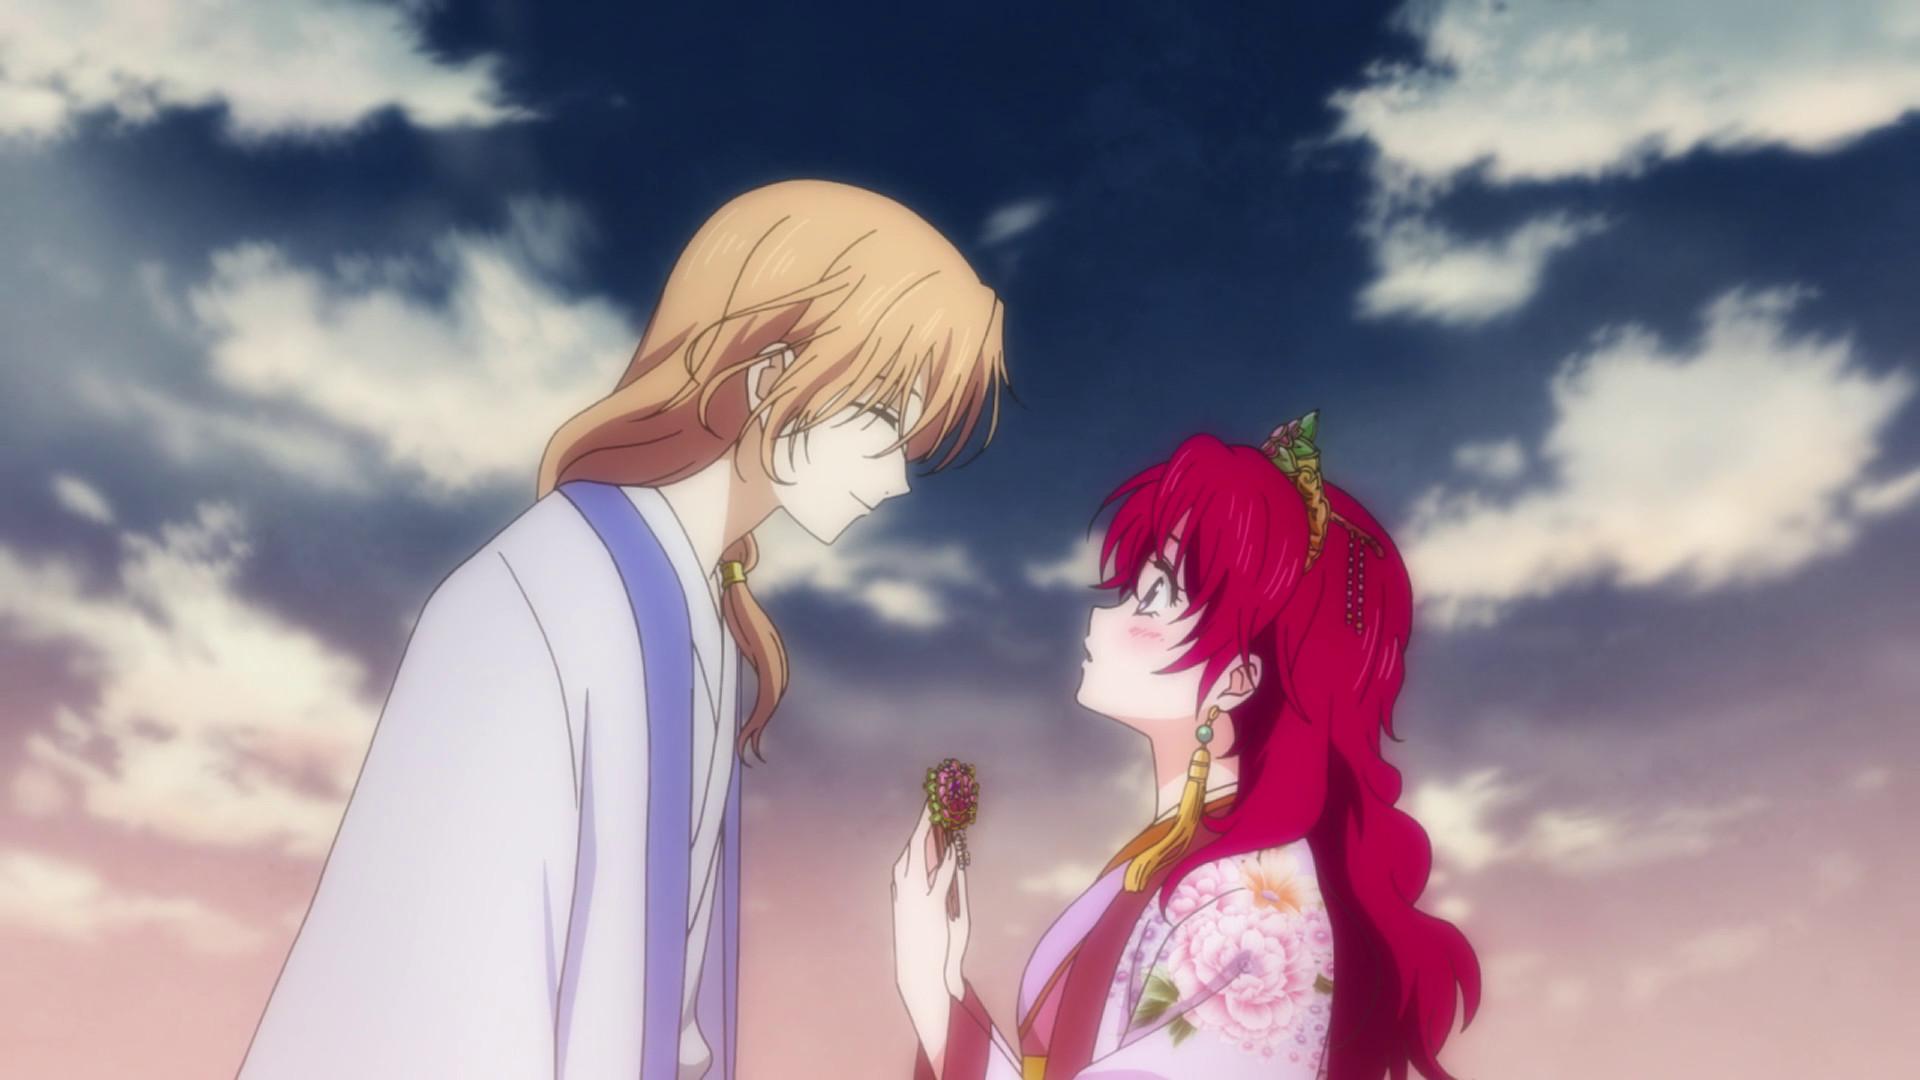 Akatsuki no yona The king Soo won and princess Yonna ♡   S h i p s ♡    Pinterest   Anime and Manga